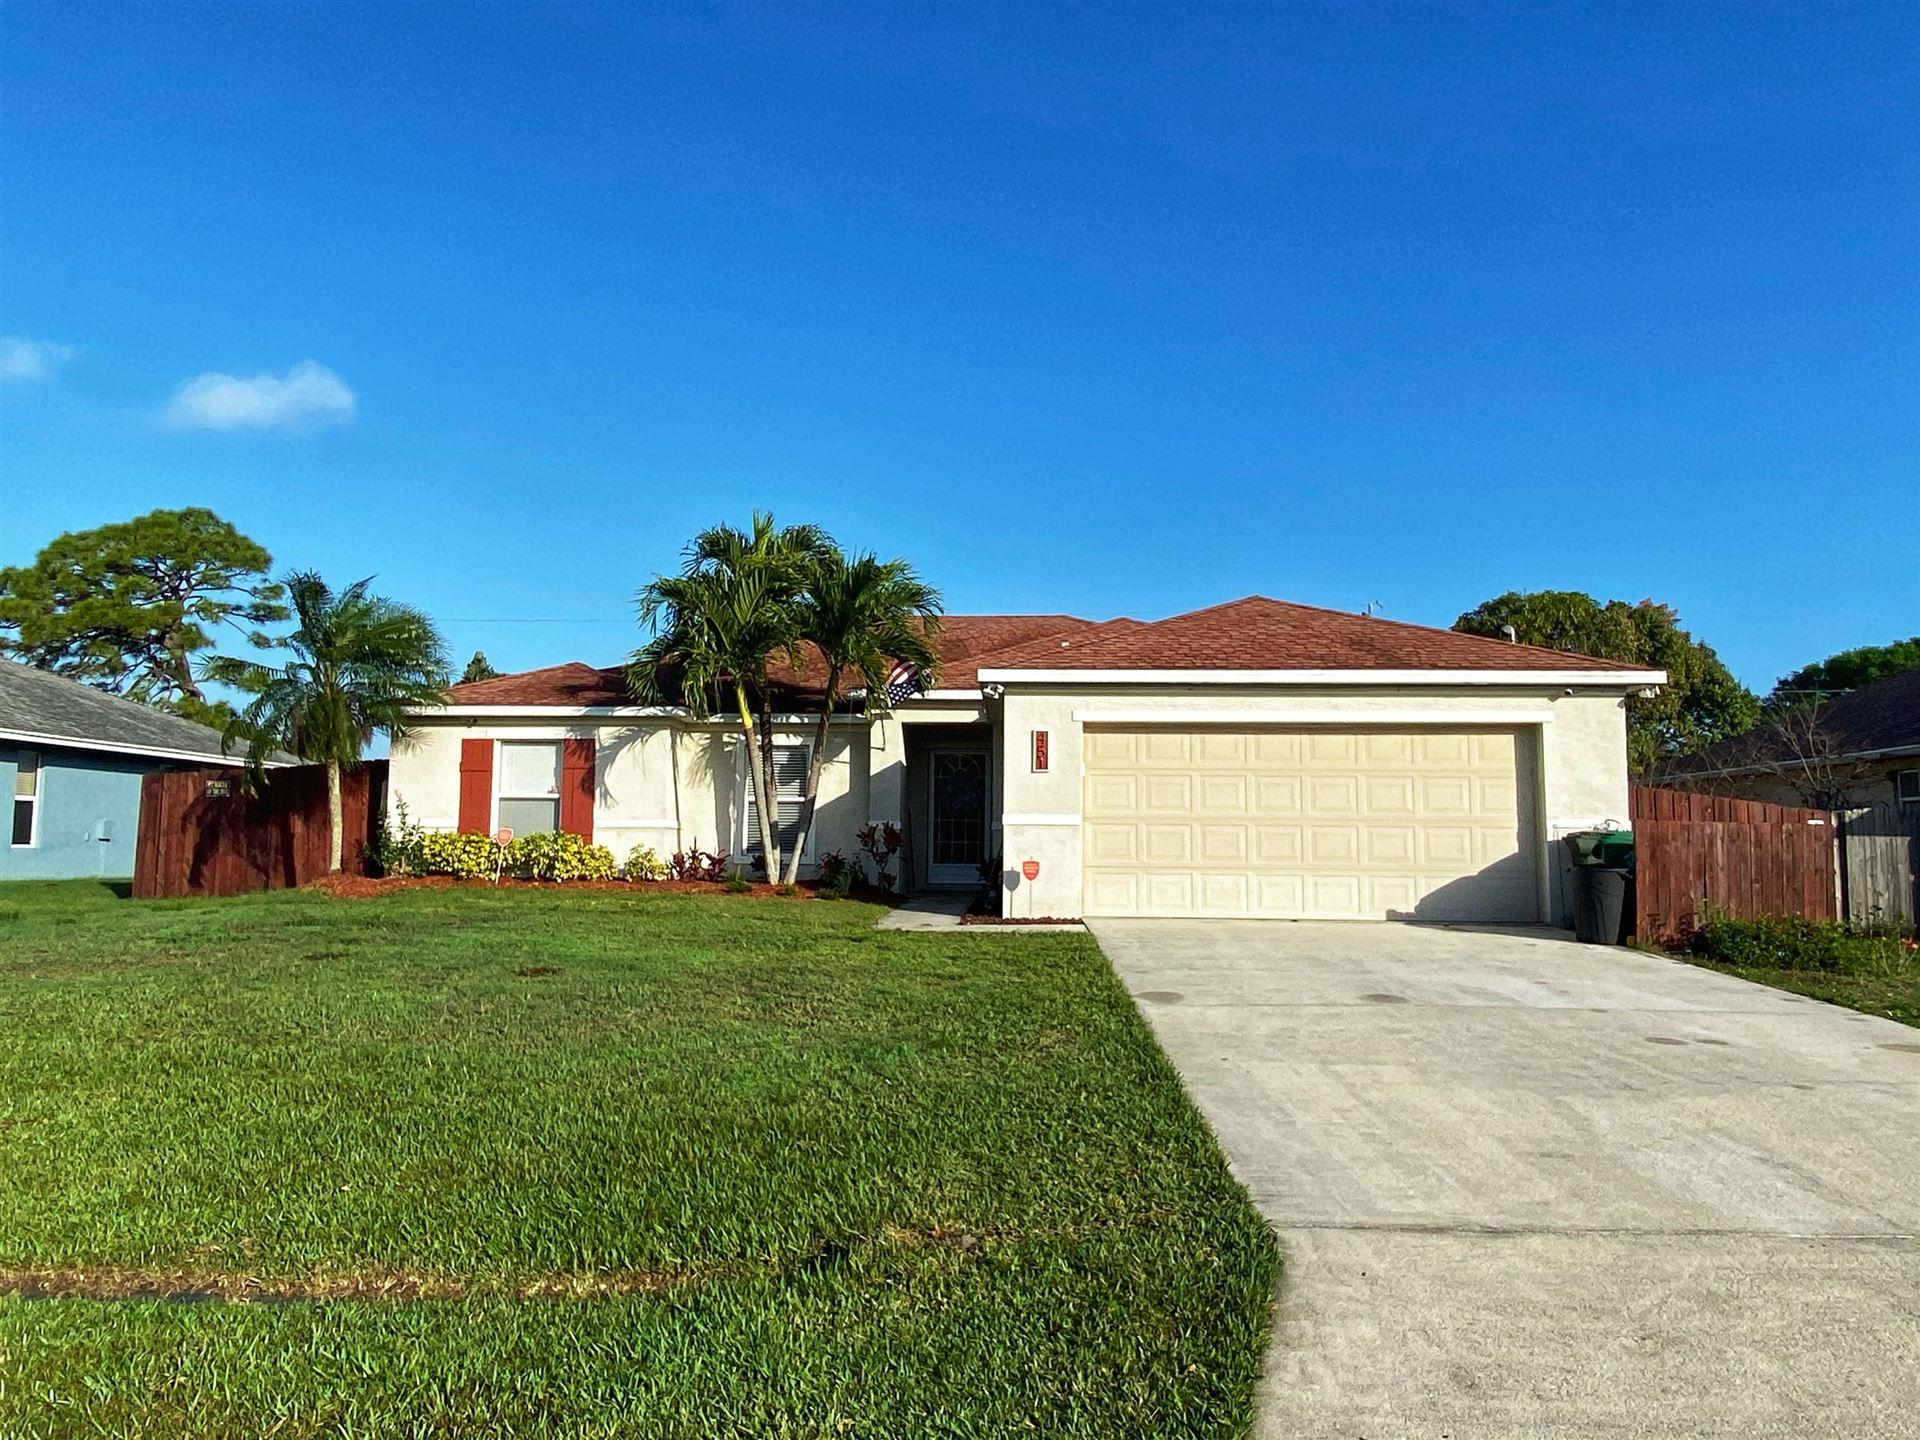 451 SE Volkerts Terrace, Port Saint Lucie, FL 34983 - #: RX-10696644